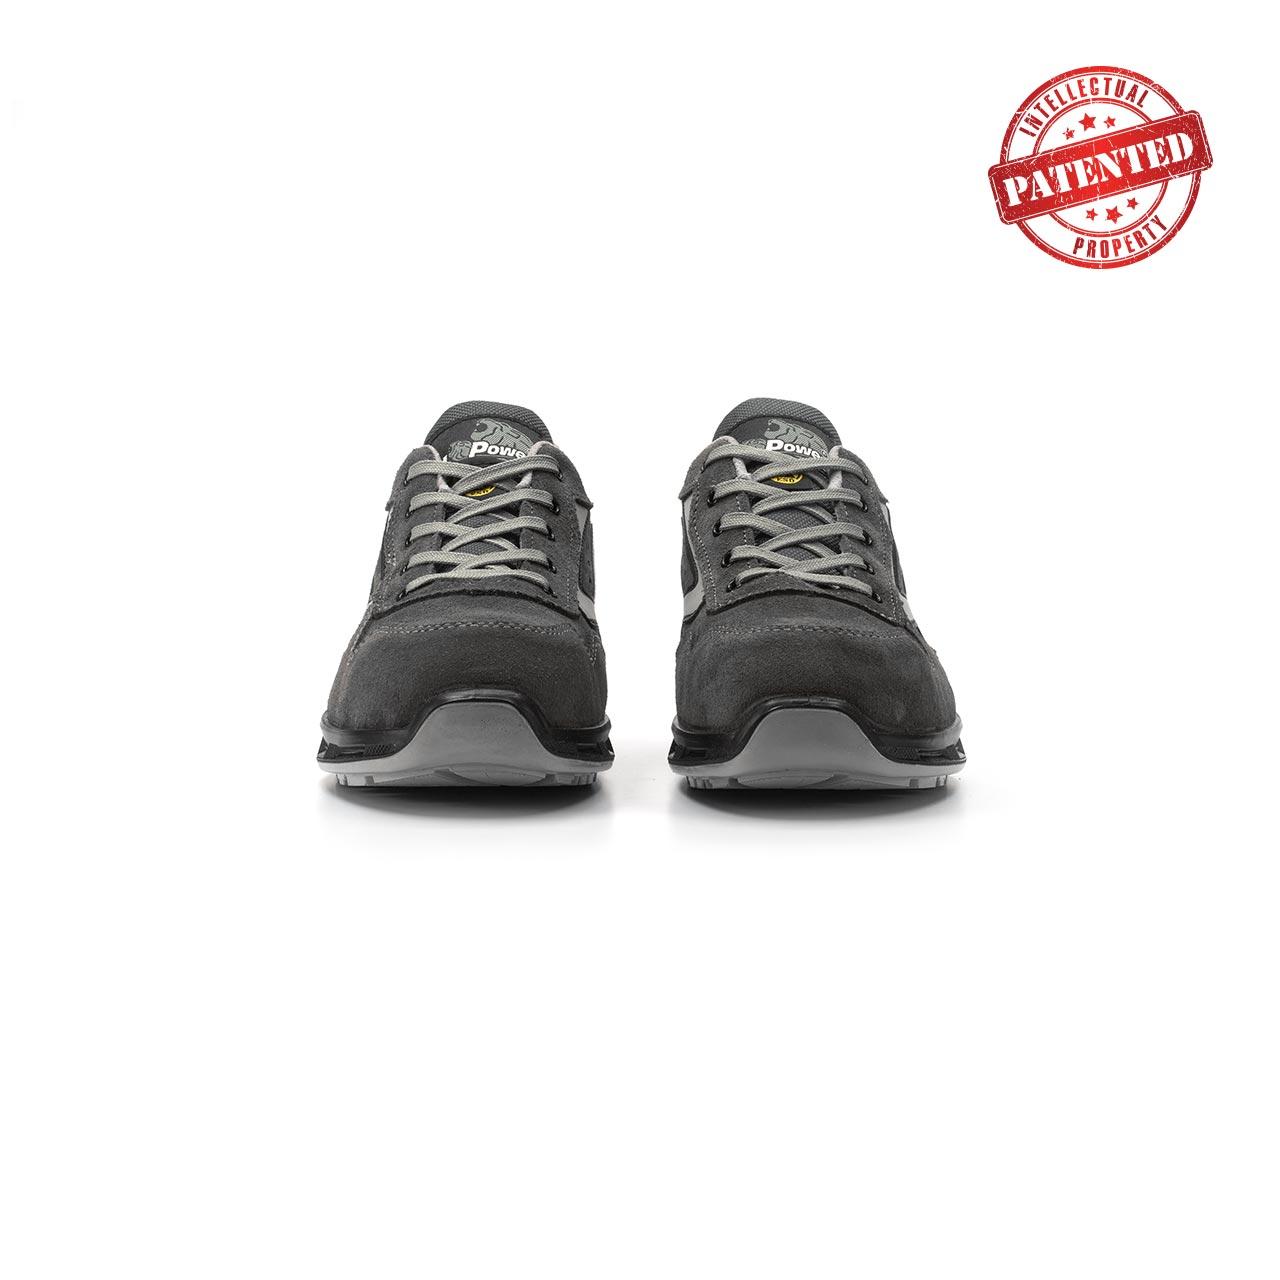 paio di scarpe antinfortunistiche upower modello going linea redlion vista frontale